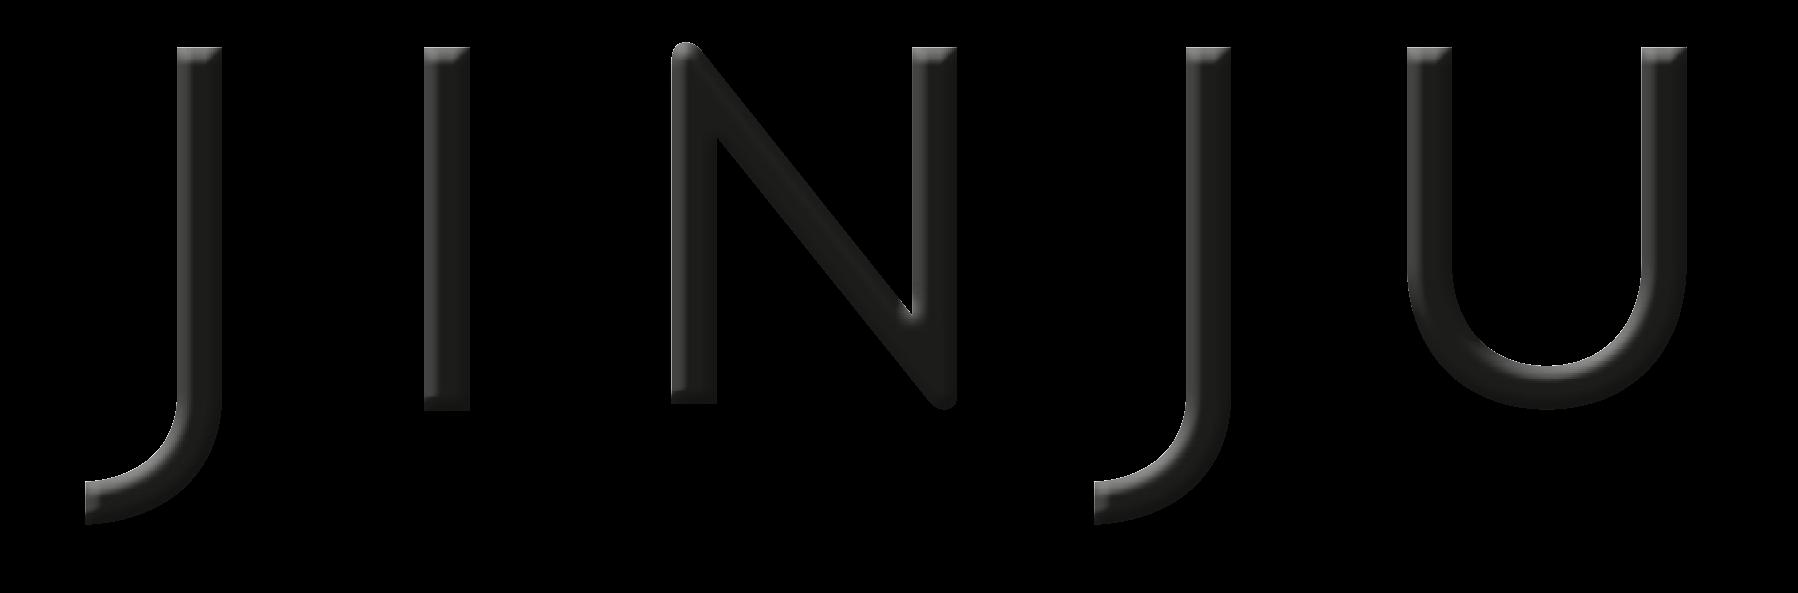 Jinju logo